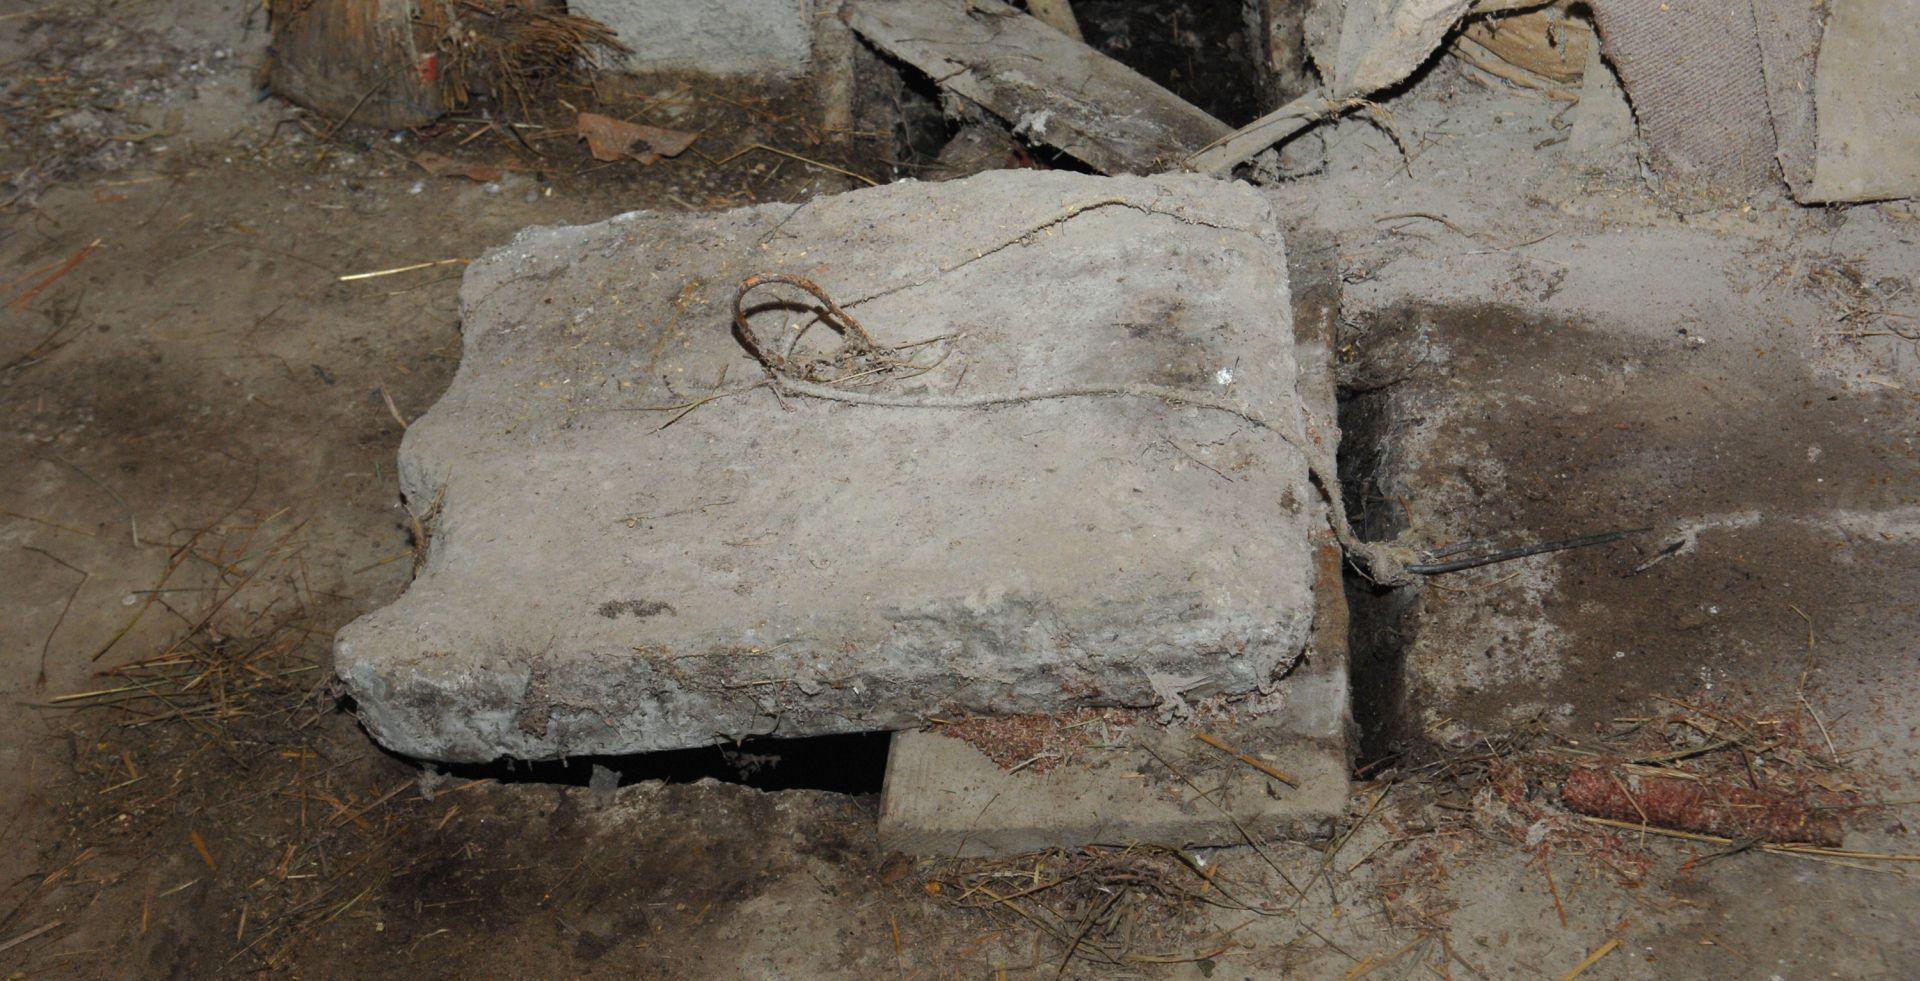 ČAZMA Dvadesetogodišnjak pronađen mrtav na dnu septičke jame